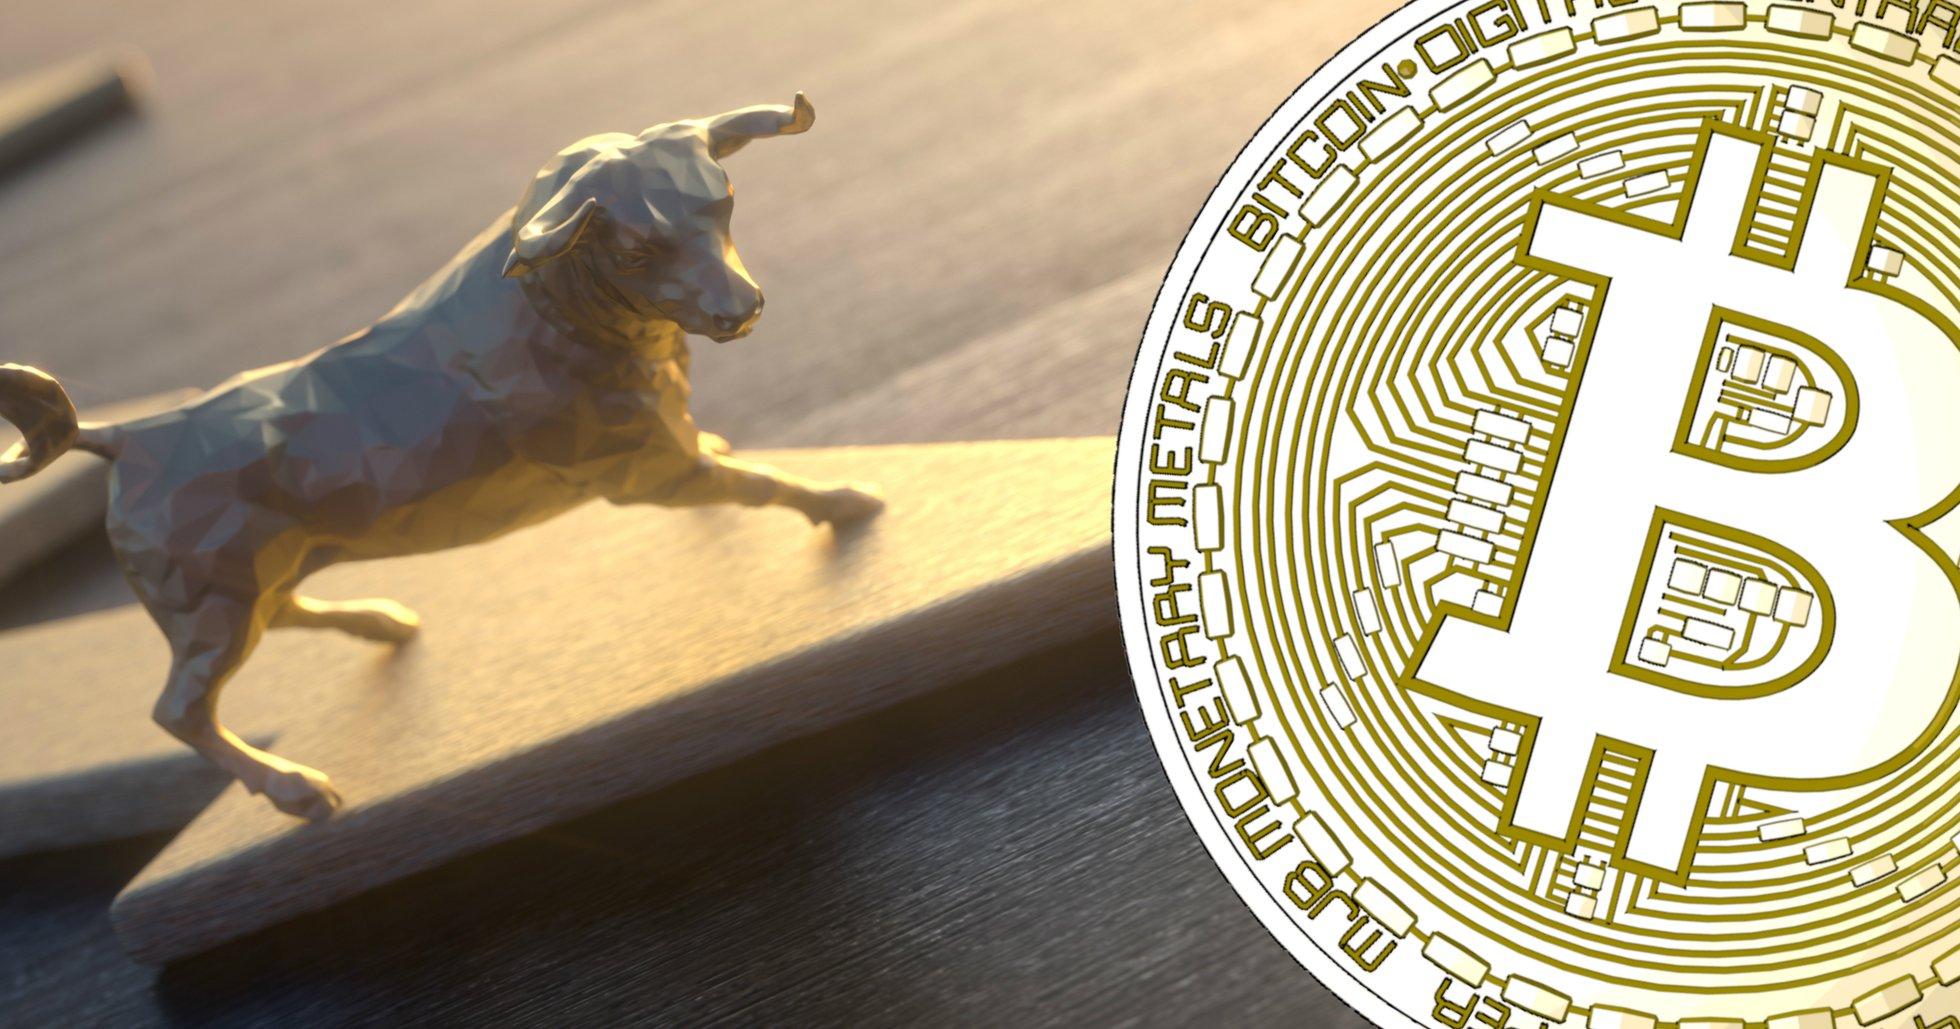 Fler kryptoprofiler spår ny tjurmarknad för bitcoin – prismål på 100 000 dollar.